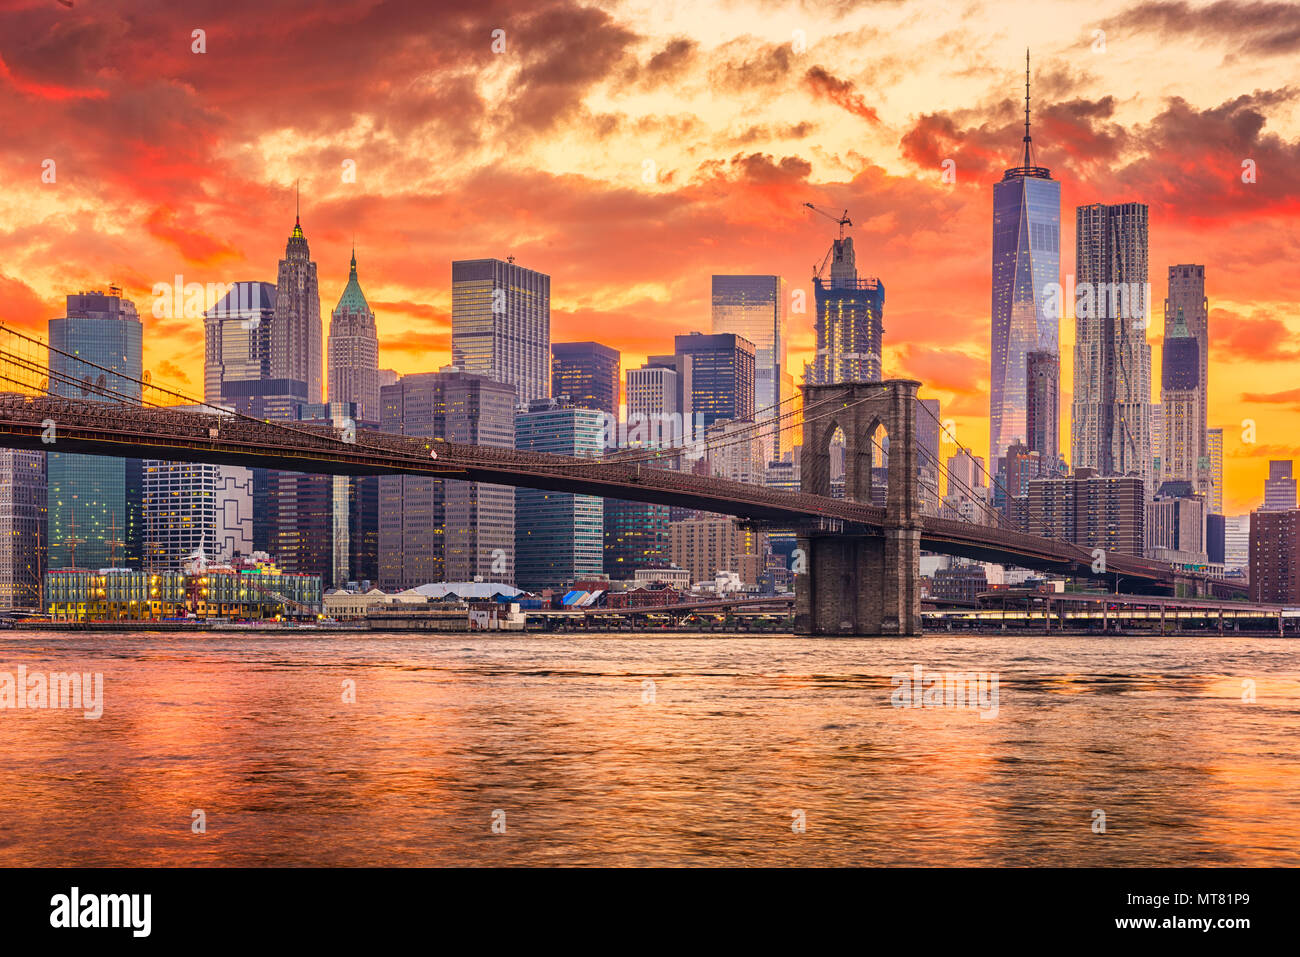 New York, New York, États-Unis d'horizon de Manhattan sur l'East River avec pont de Brooklyn après le coucher du soleil. Photo Stock